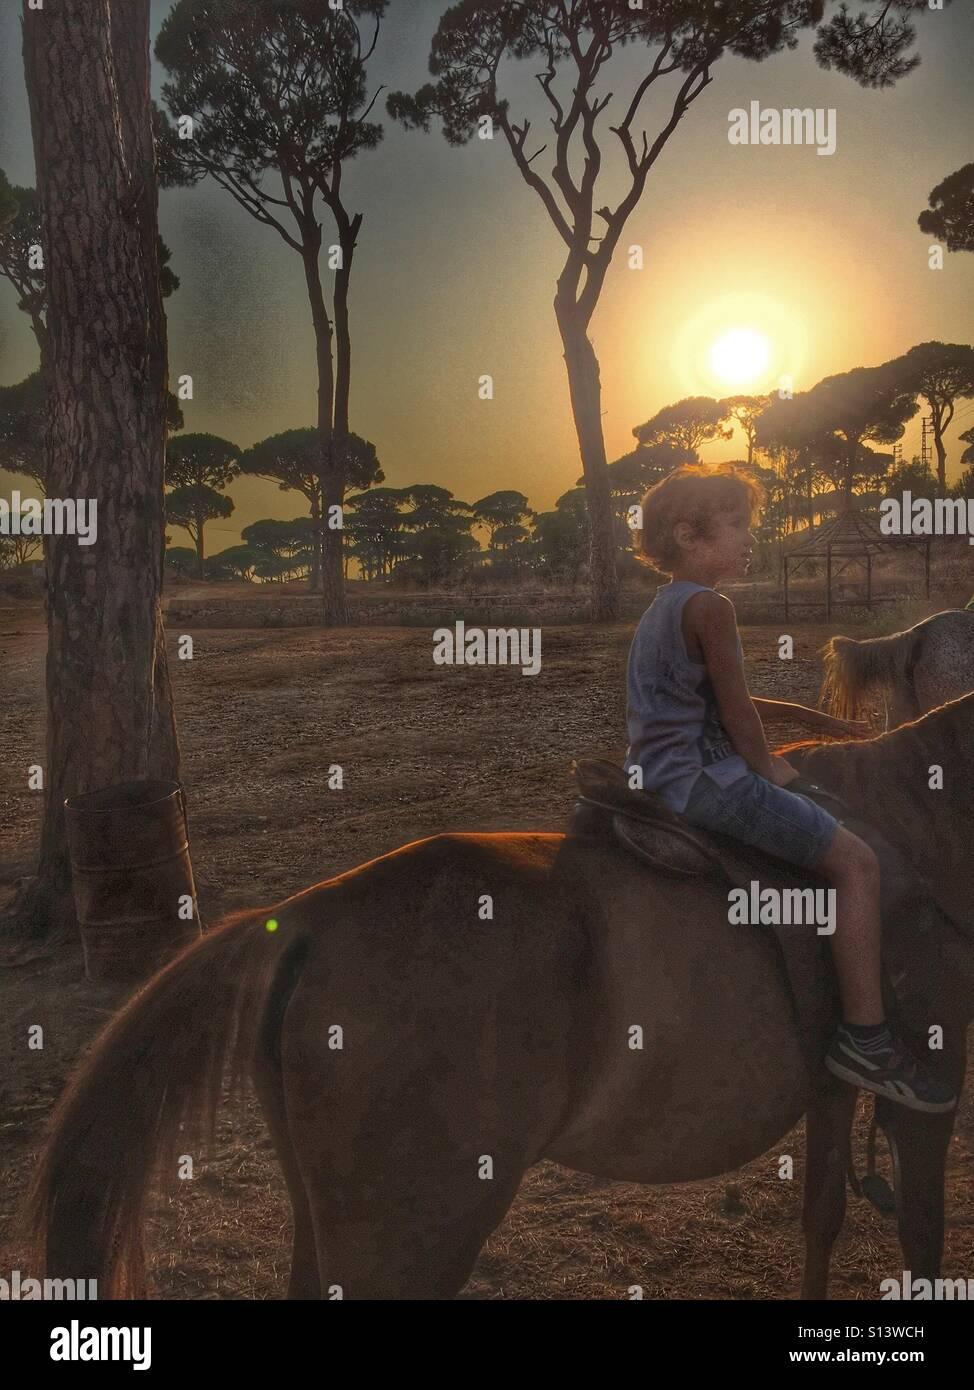 Junge Kind reiten bei Sonnenuntergang Stockbild